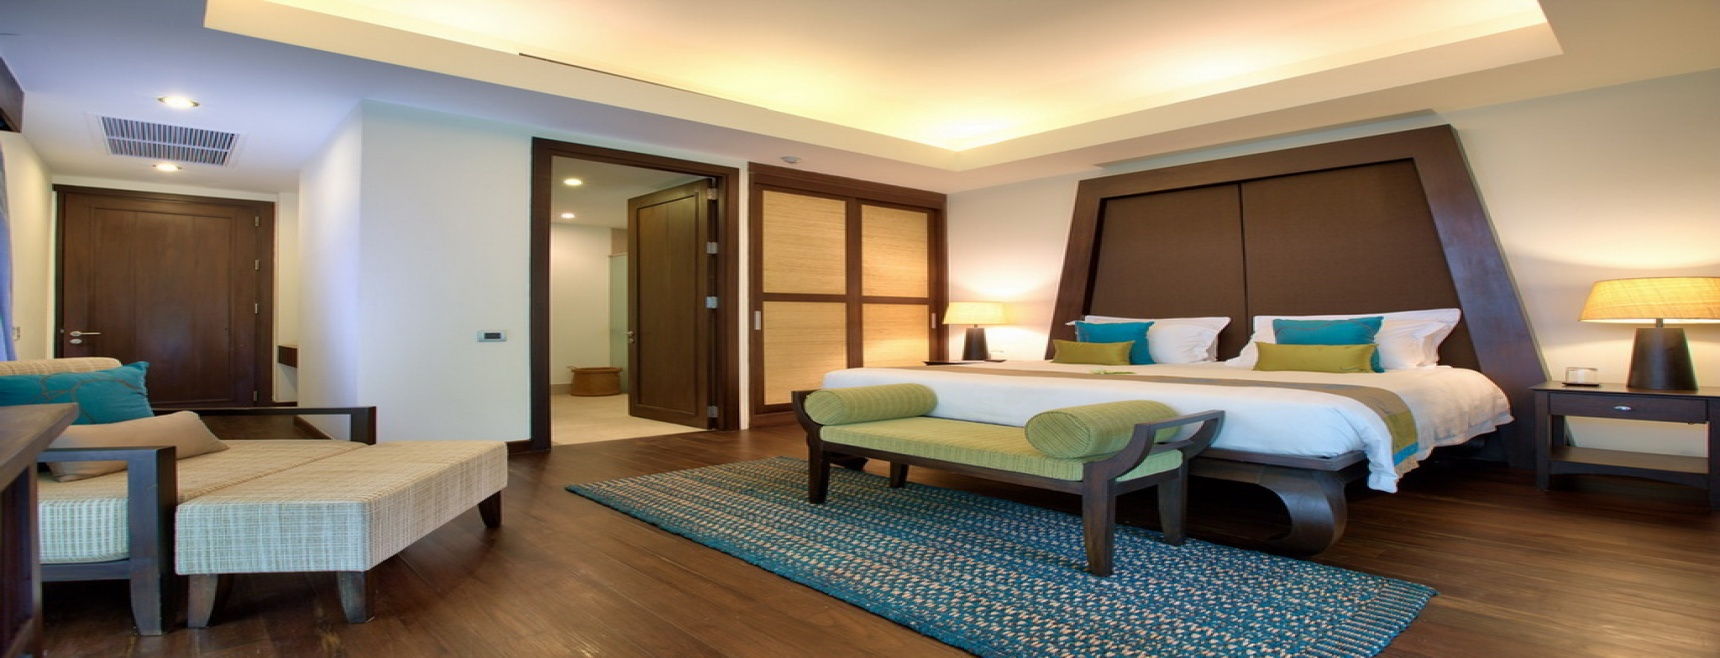 5 Bedrooms, Villa, Holiday Villa Rentals, Listing ID 1305